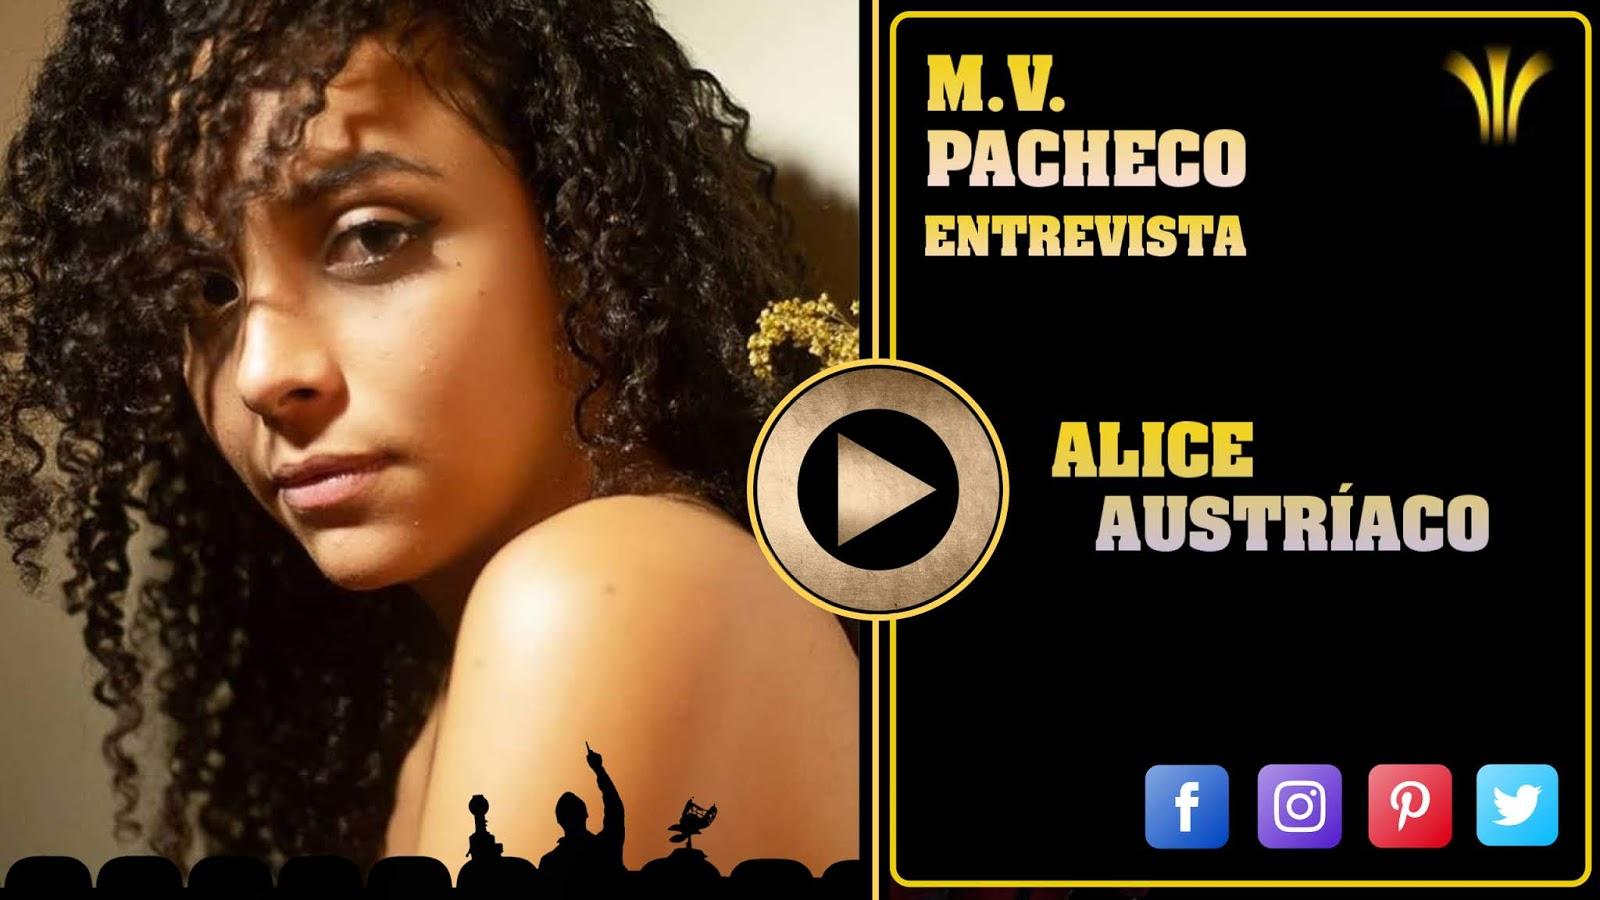 aline-austriaco-entrevista